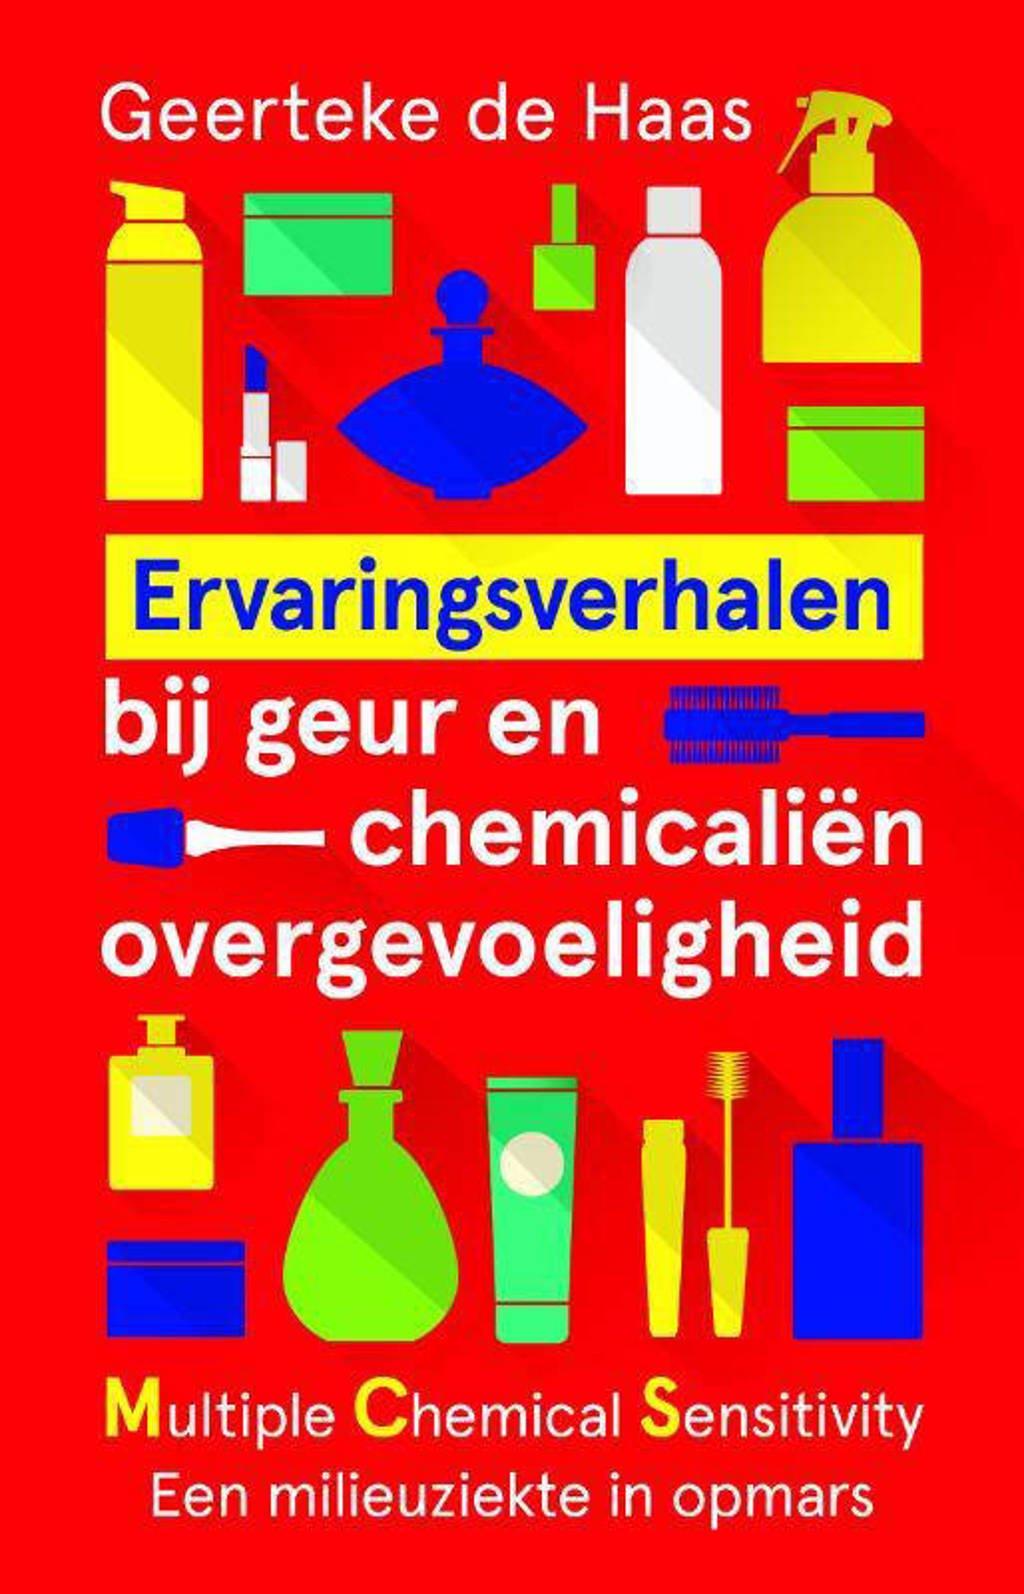 Ervaringsverhalen bij geur- en chemicaliënovergevoeligheid - Geerteke de Haas